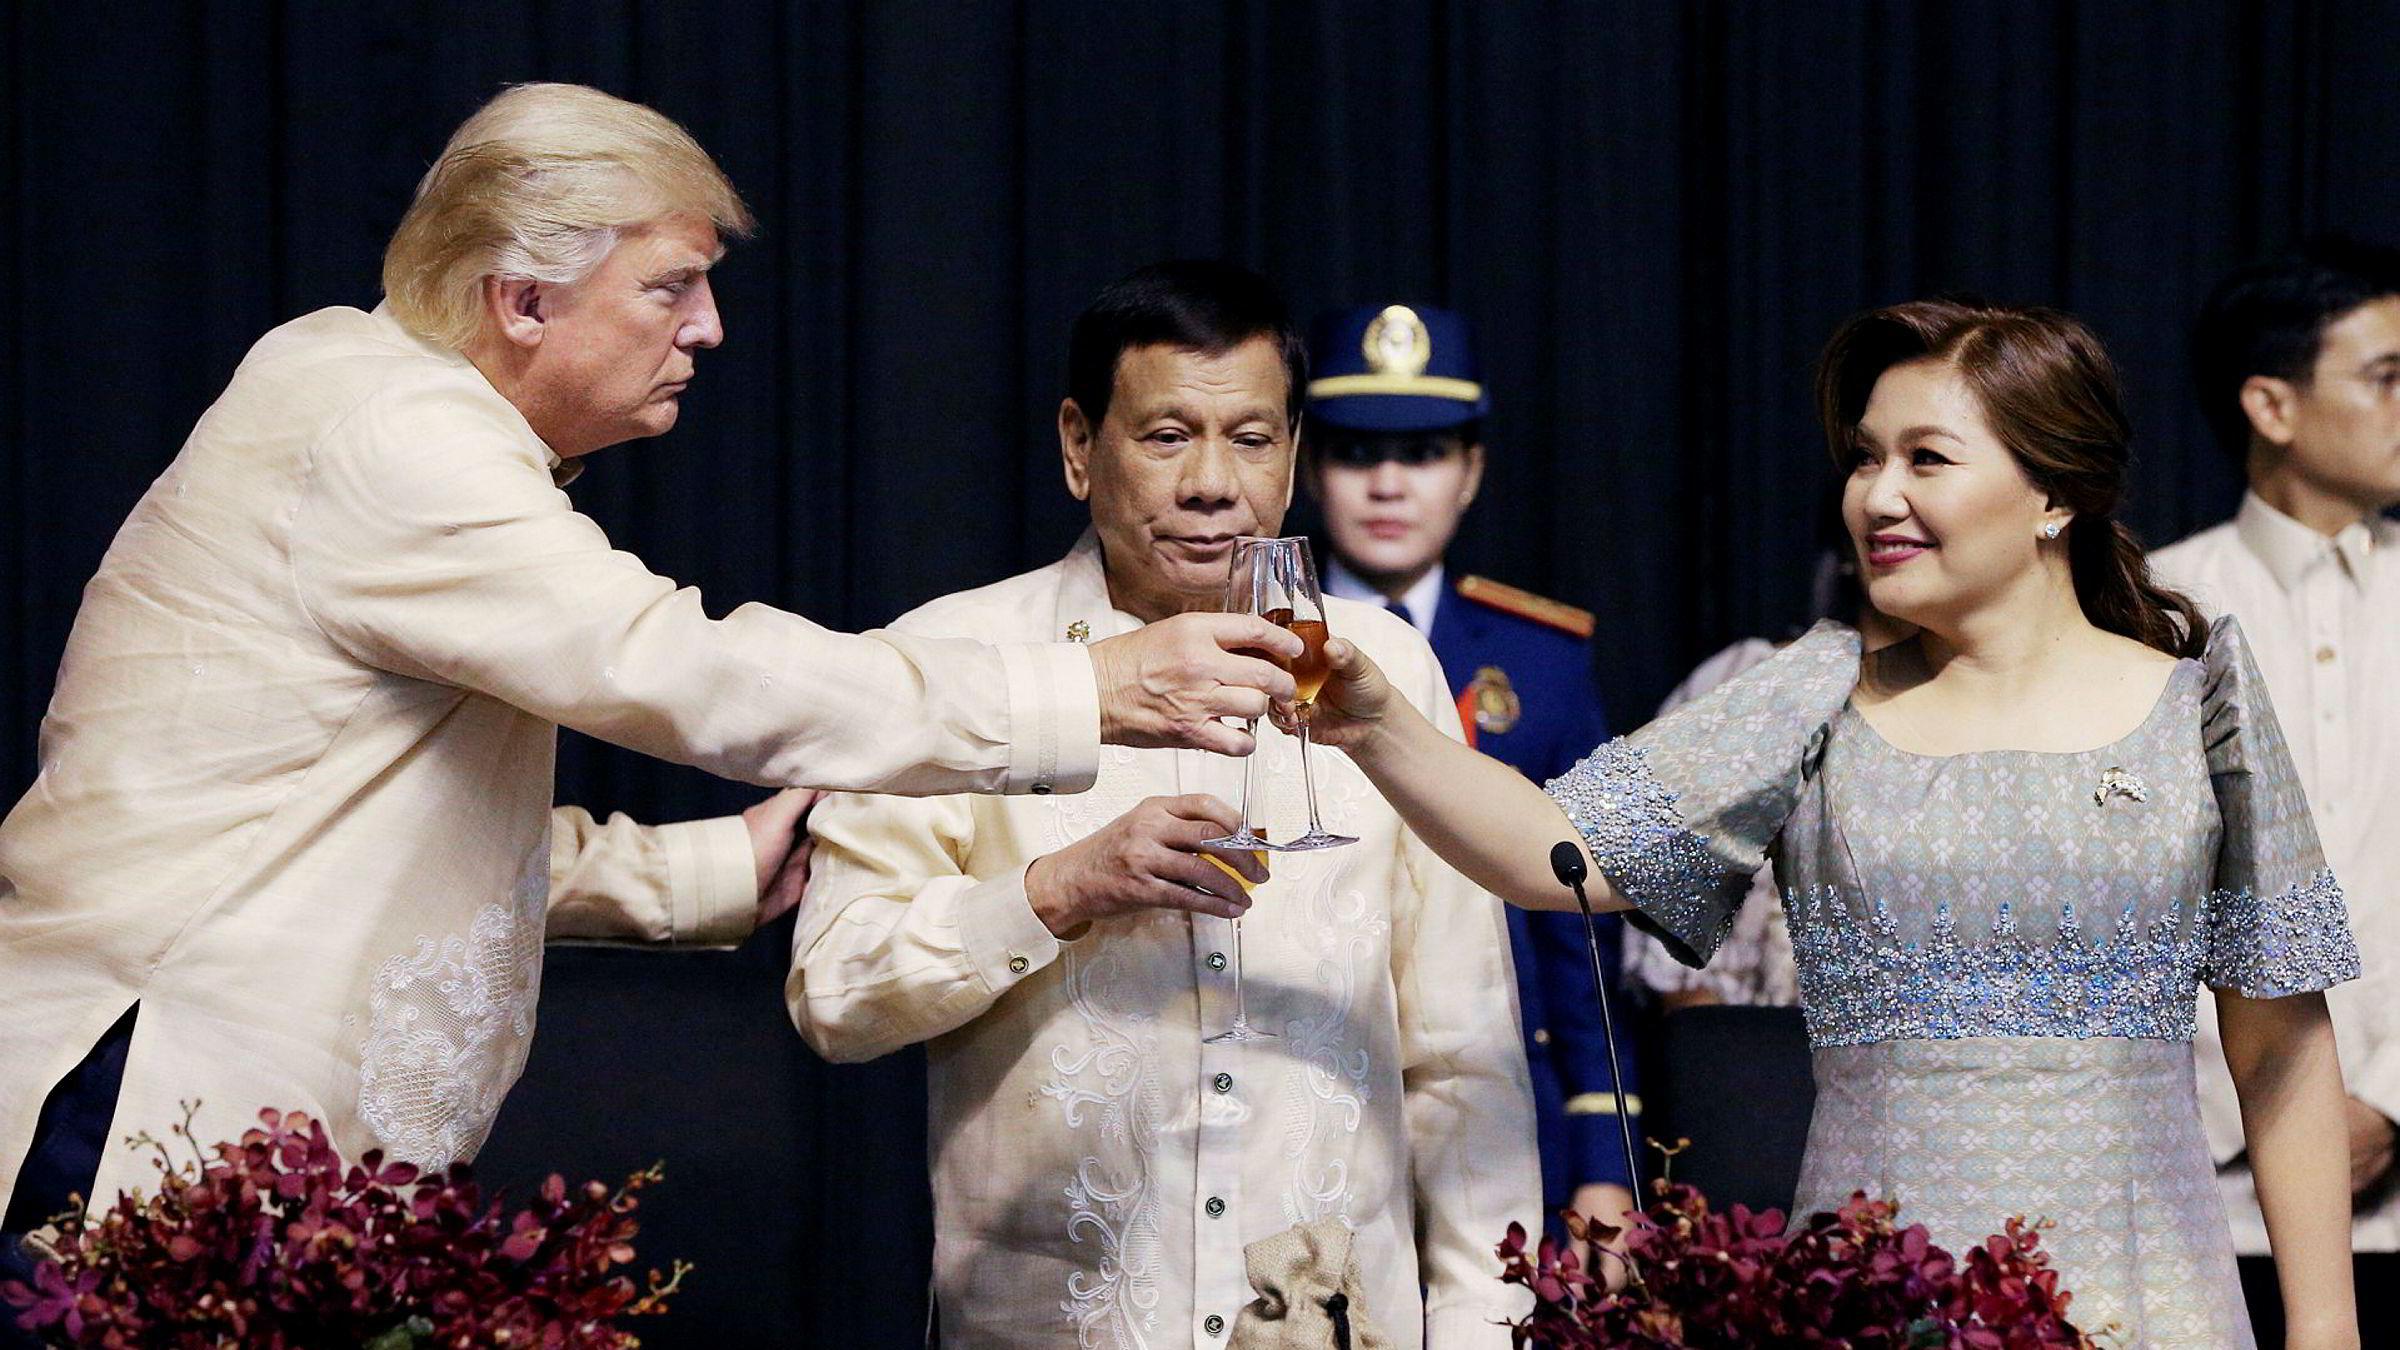 Søndag kom president Donald Trump til Filippinene der han ble tatt imot av president Rodrigo Duterte og hans kone Honeylet Avanceña. Foto: Athit Perawongmehta/AFP/NTB Scanpix